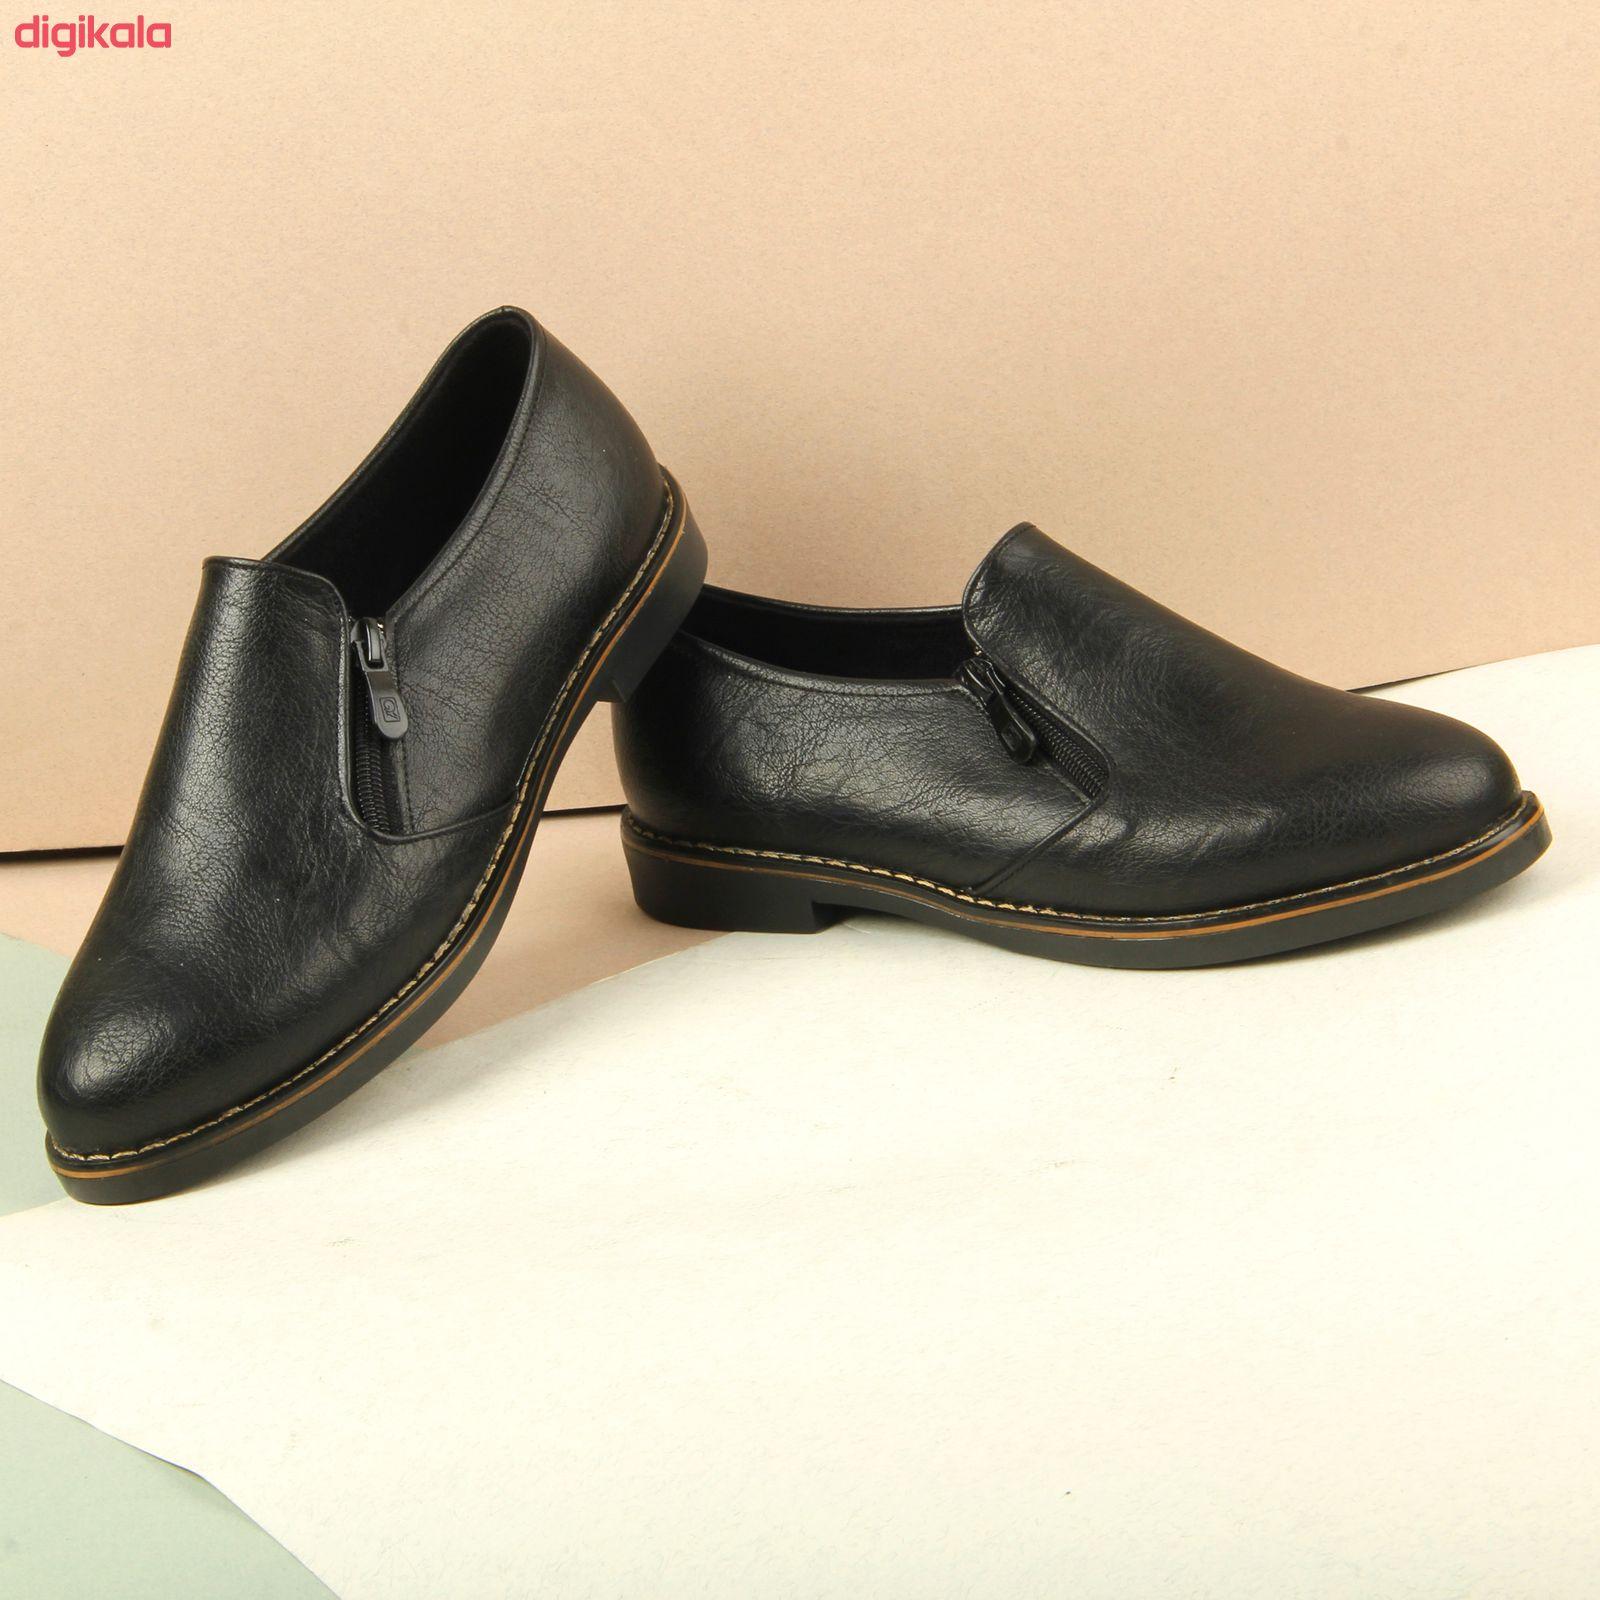 ست کیف و کفش زنانه BAB مدل ترنم کد 910-5 main 1 4